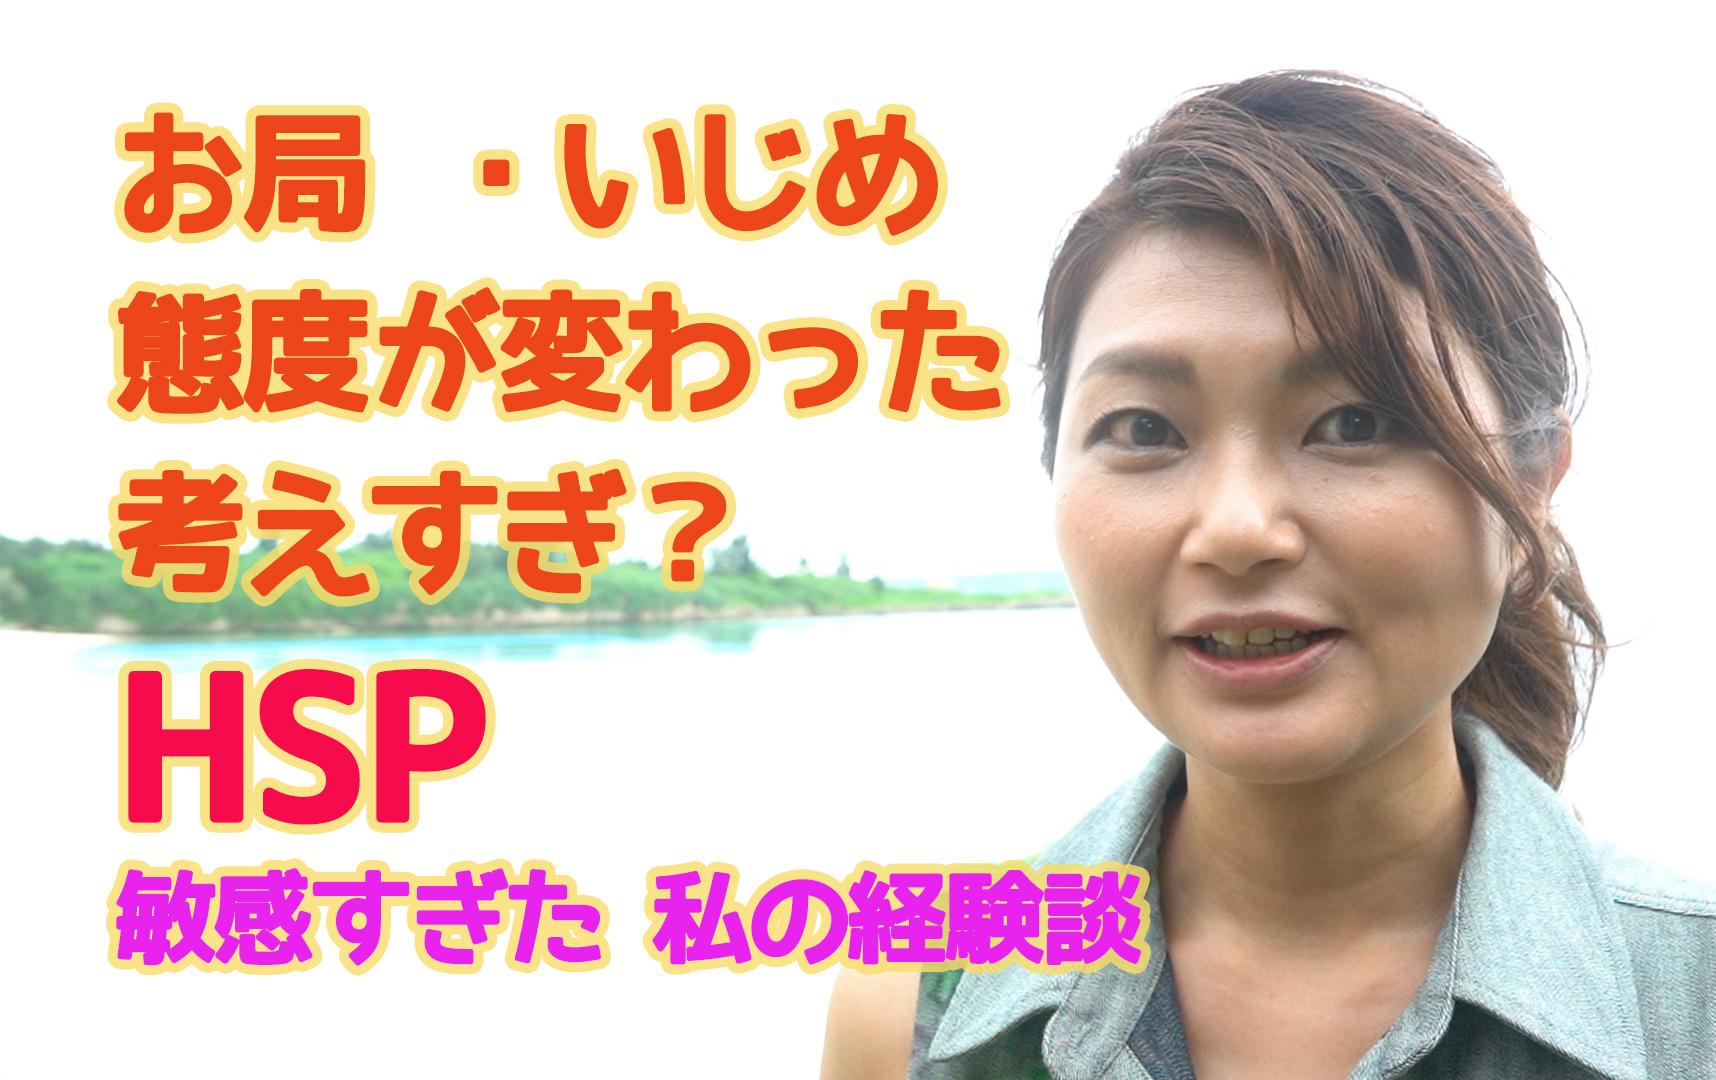 【動画】お局 いじめ 態度が変わった 考えすぎ?|HSP 敏感すぎた私の経験談